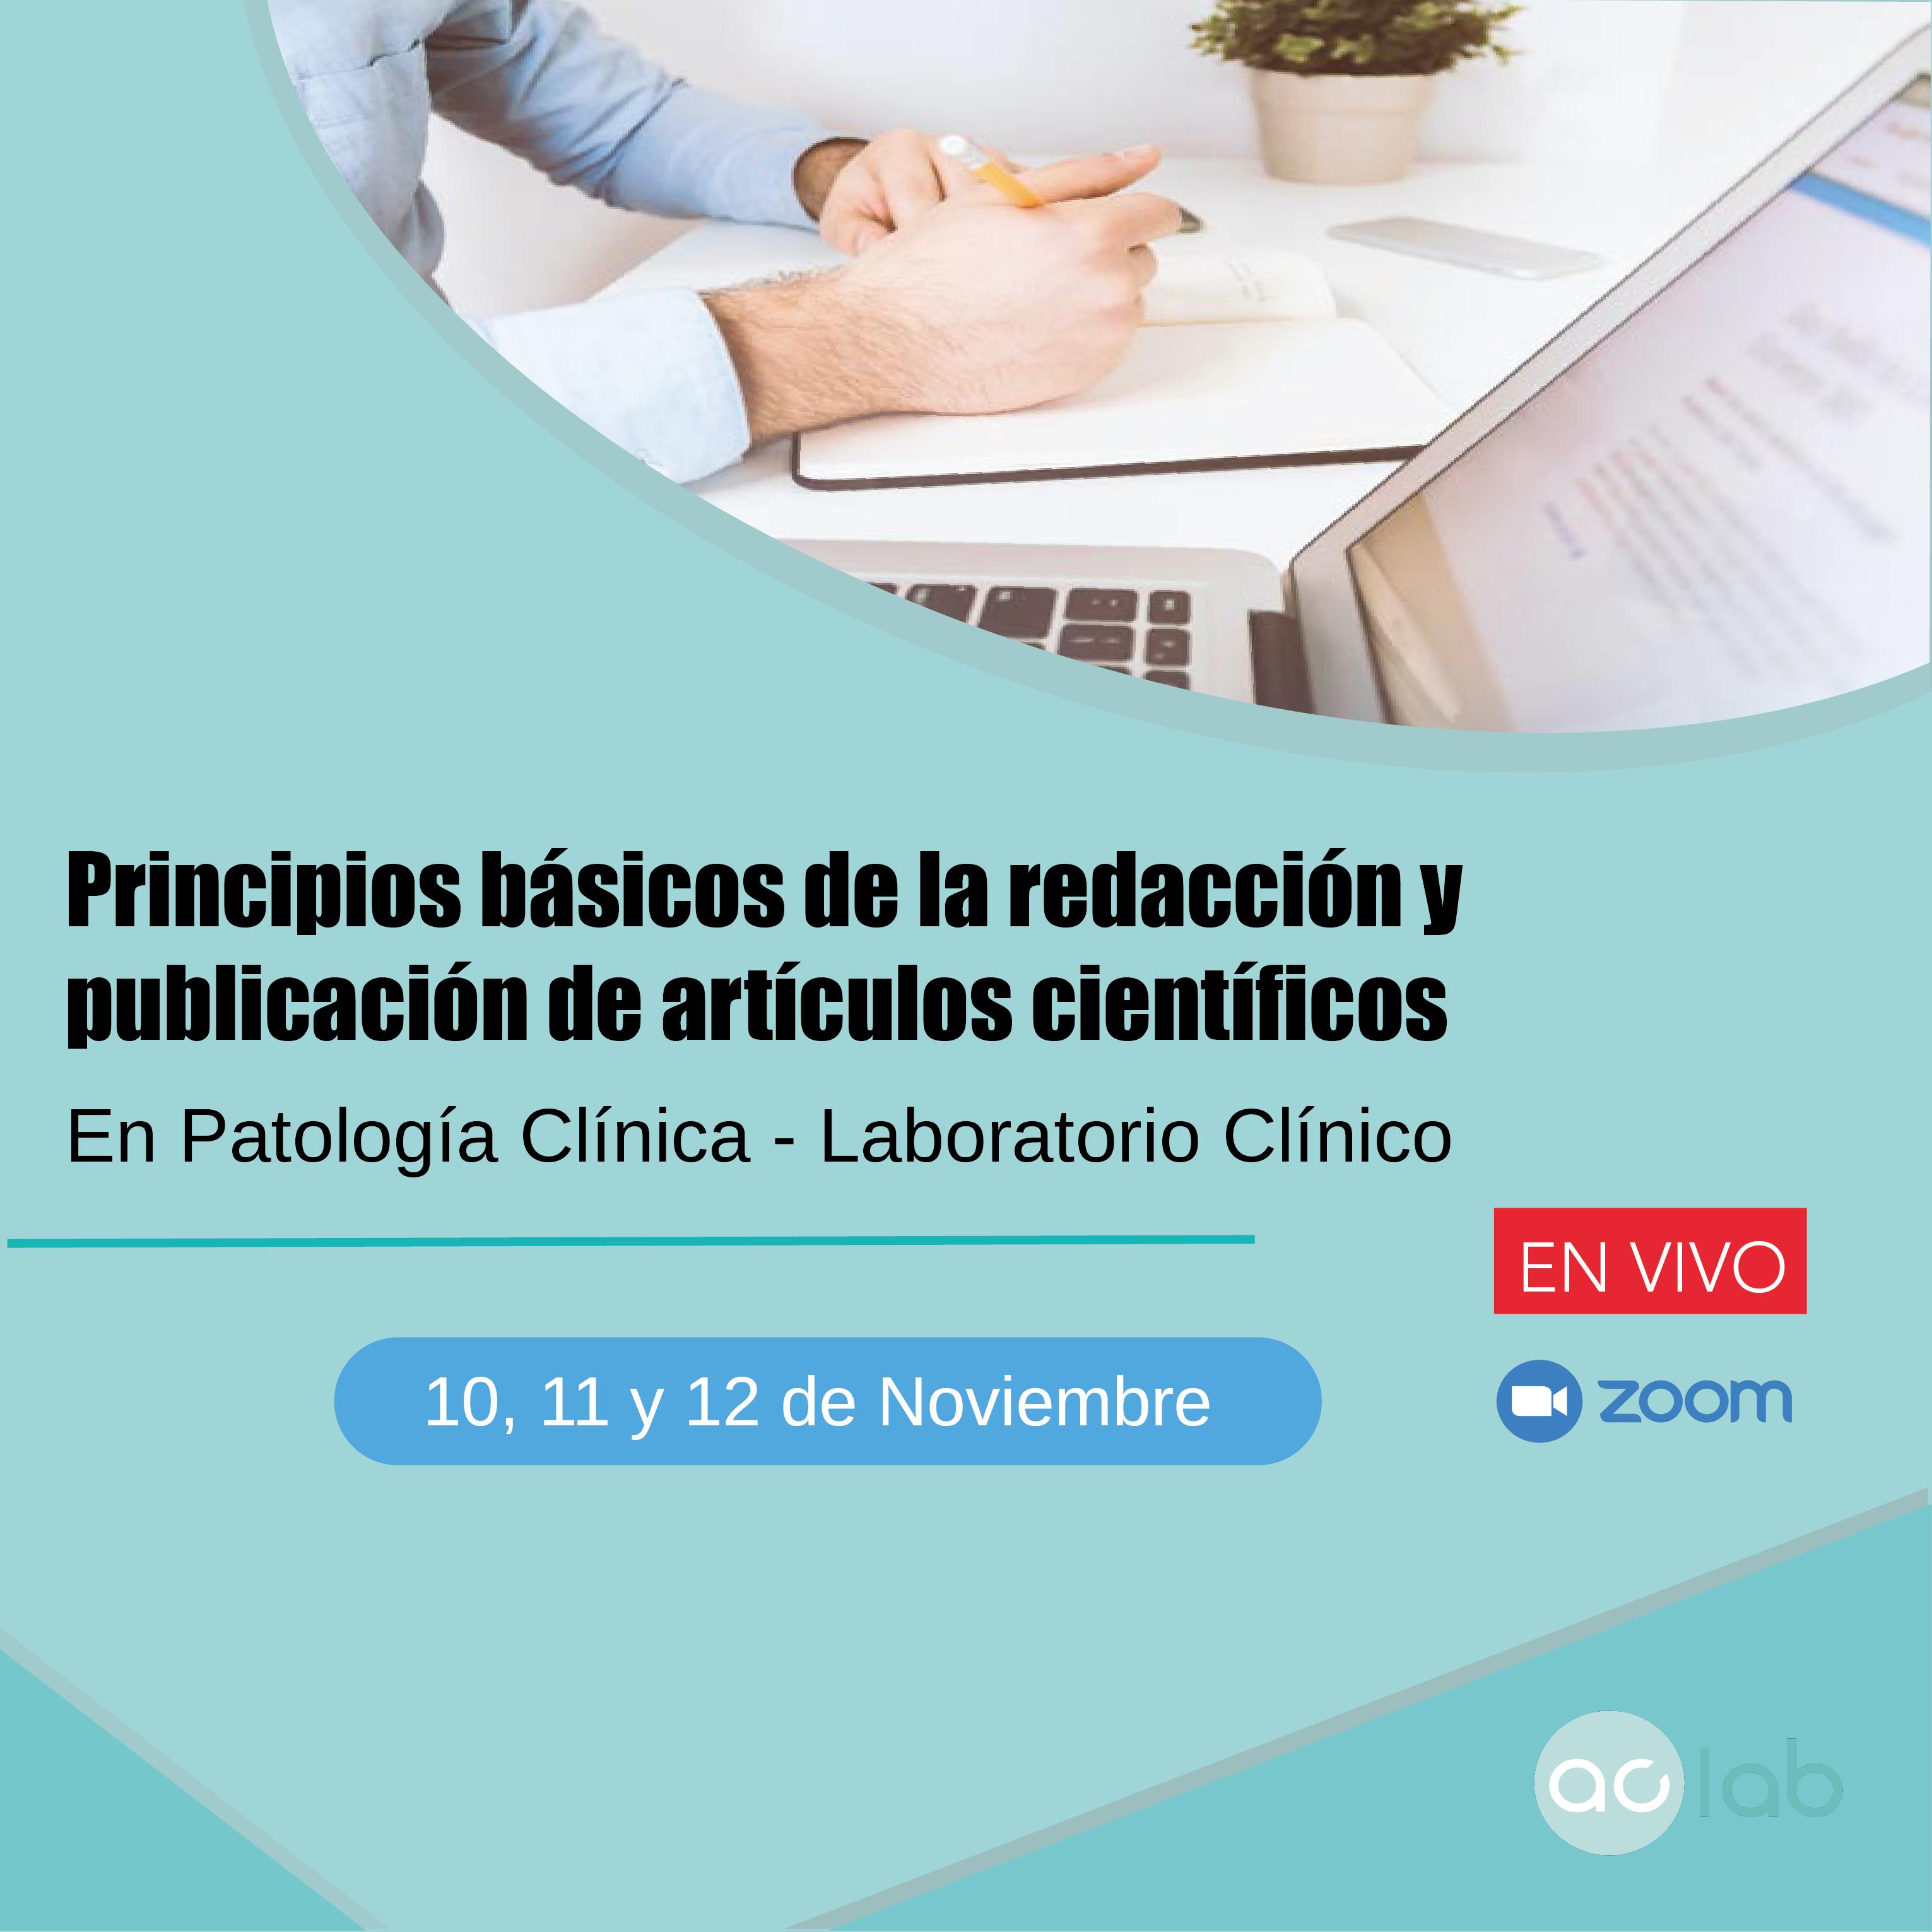 Principios basicos de la redacción y publicación de artículos científicos. En Patología Clínica - Laboratorio Clínico